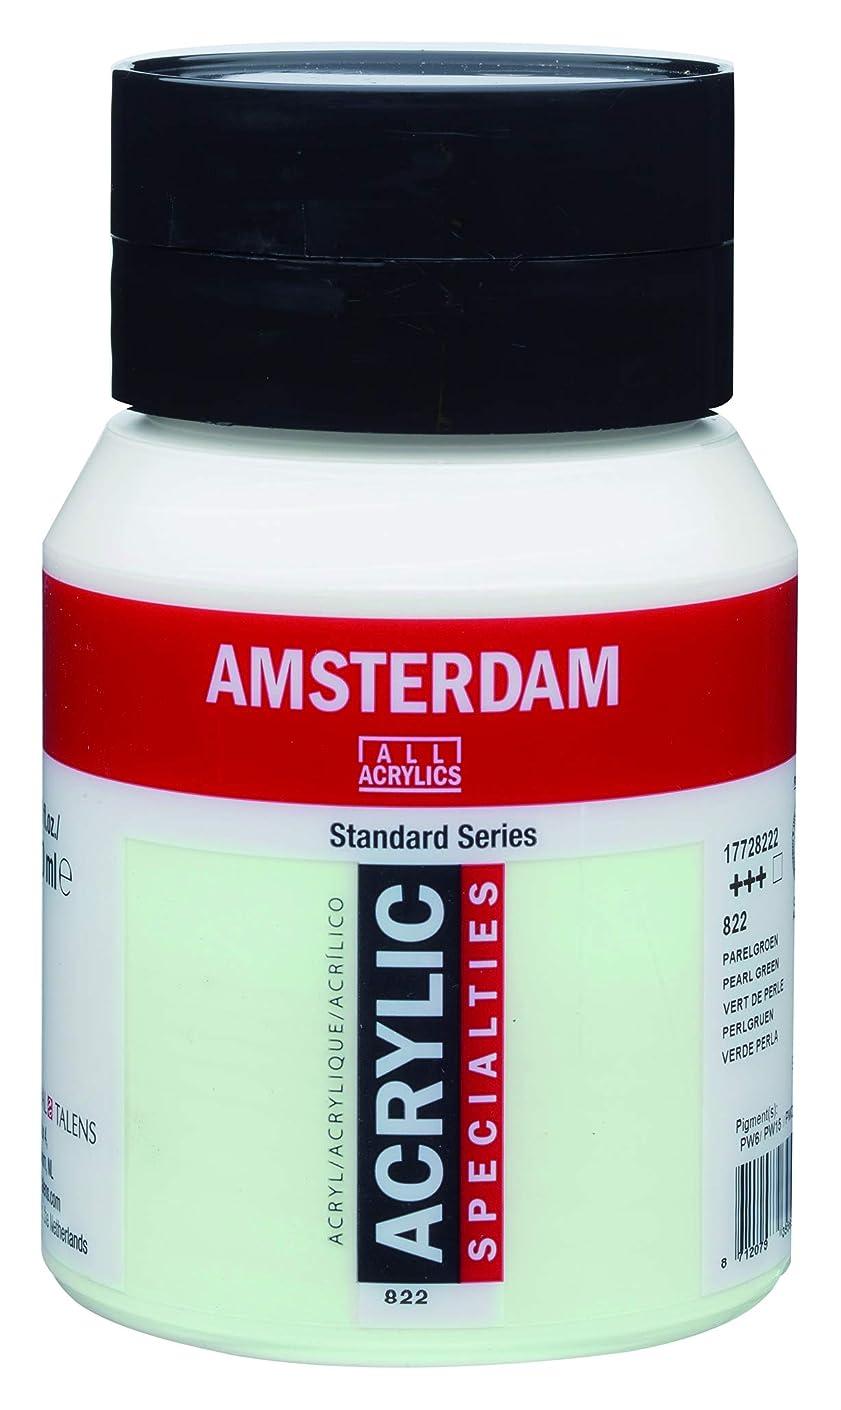 起業家指紋征服するターレンス アクリル絵具 アムステルダムアクリリックカラー パールグリーン T1772-822 500ml